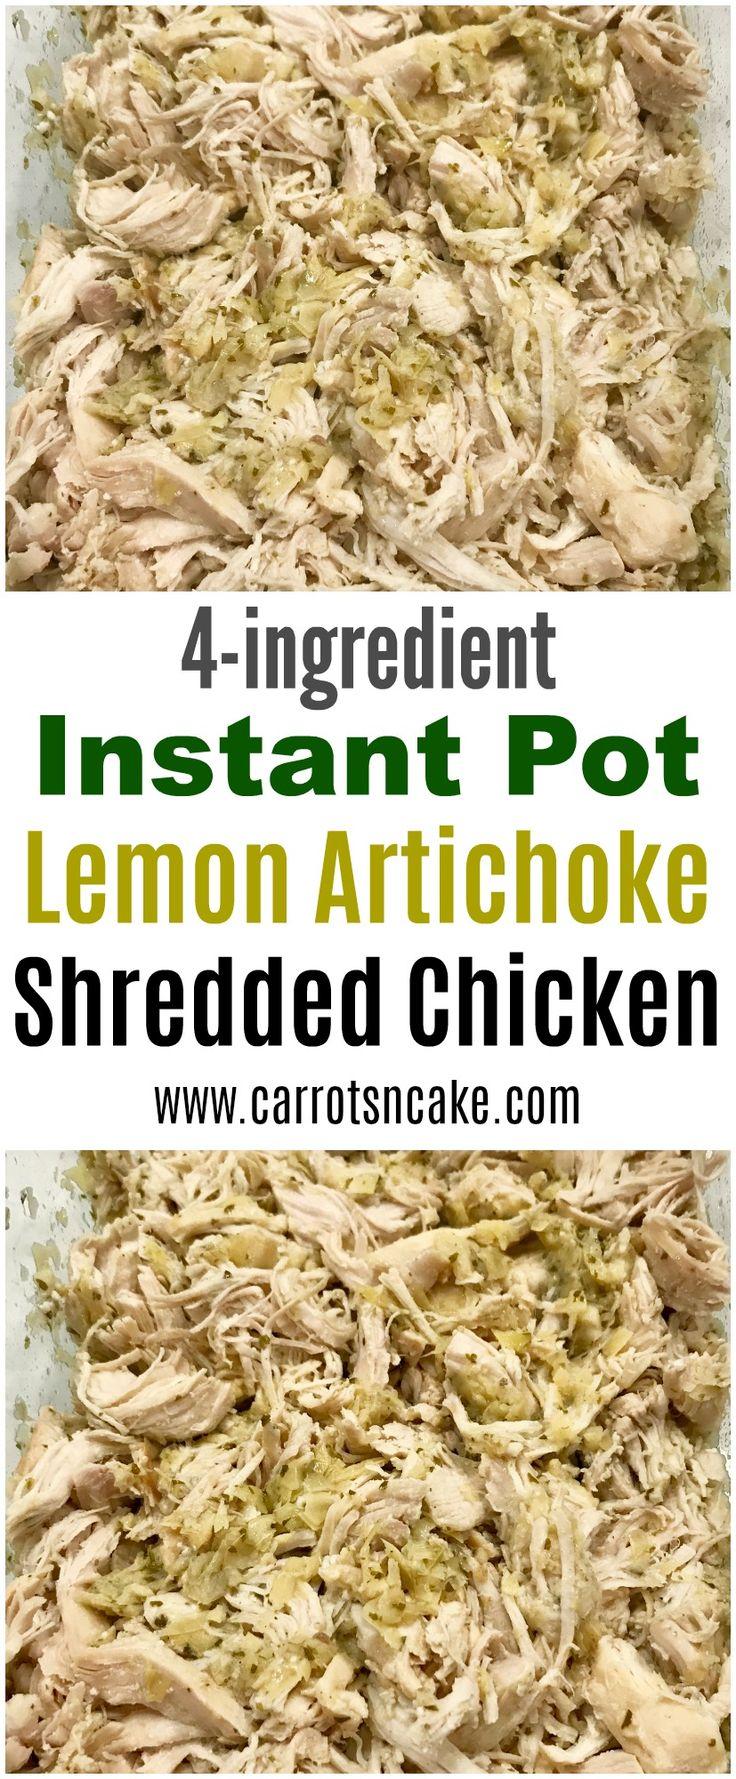 Instant Pot Lemon Artichoke Shredded Chicken – Carrots 'N' Cake